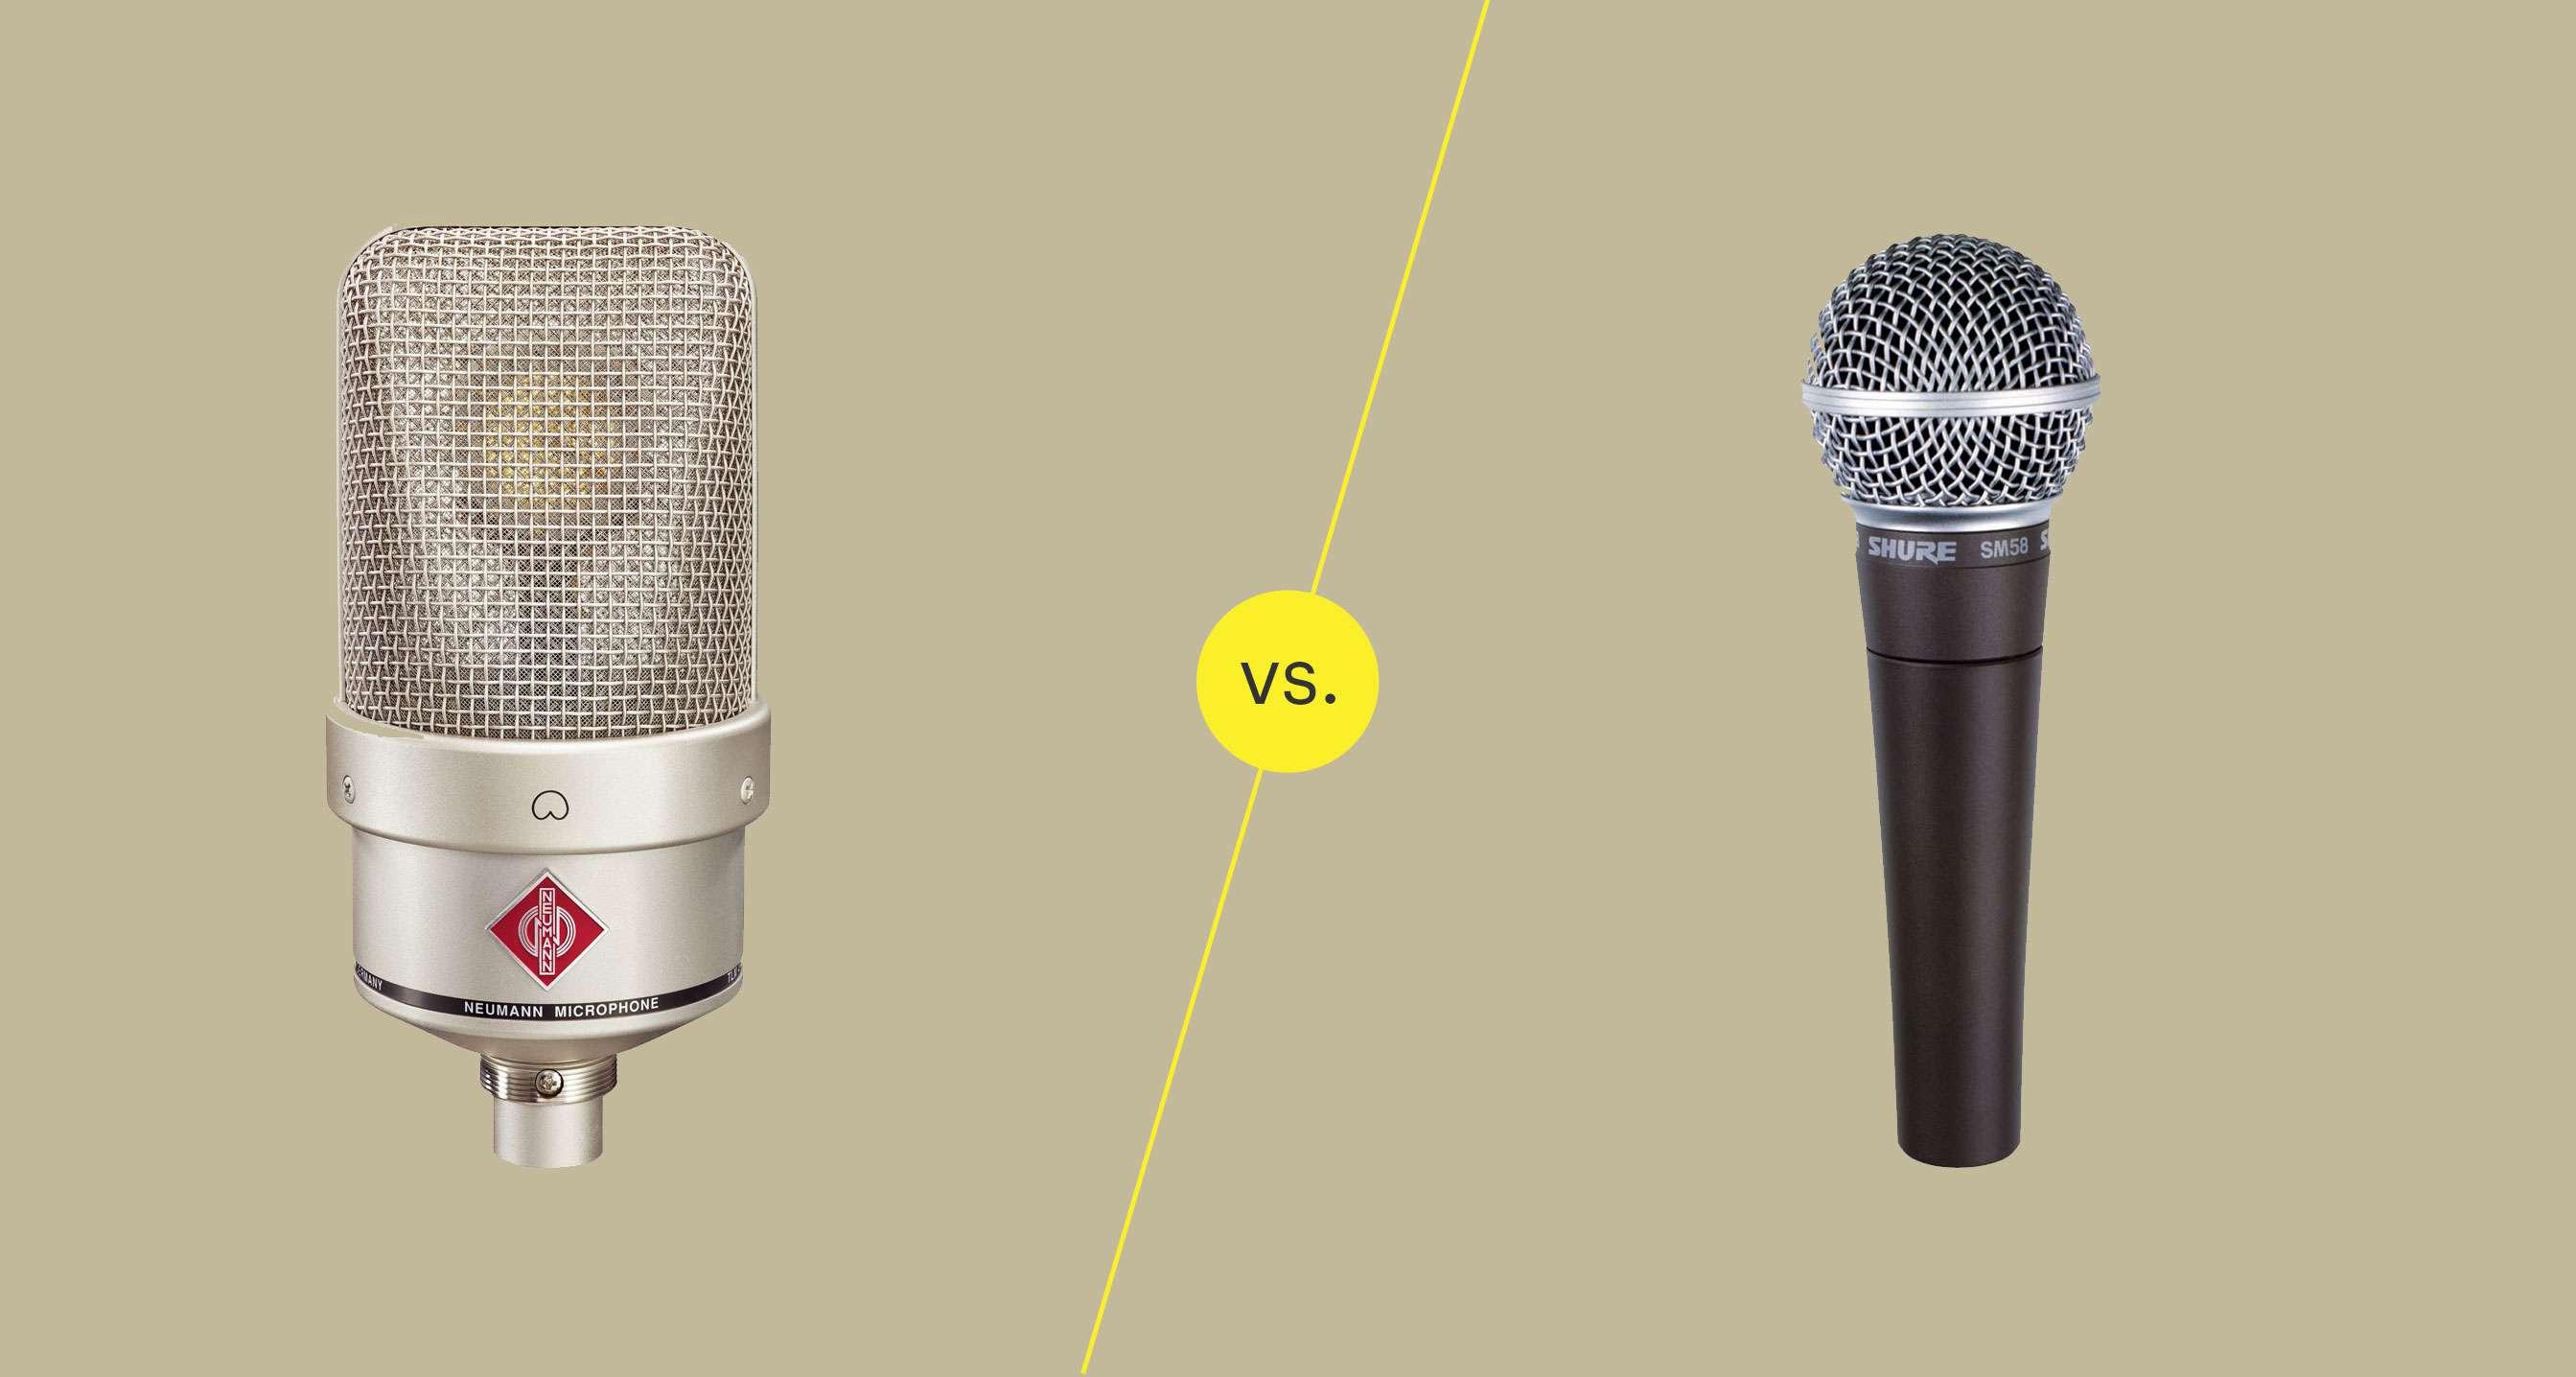 Condenser mic vs. dynamic mic